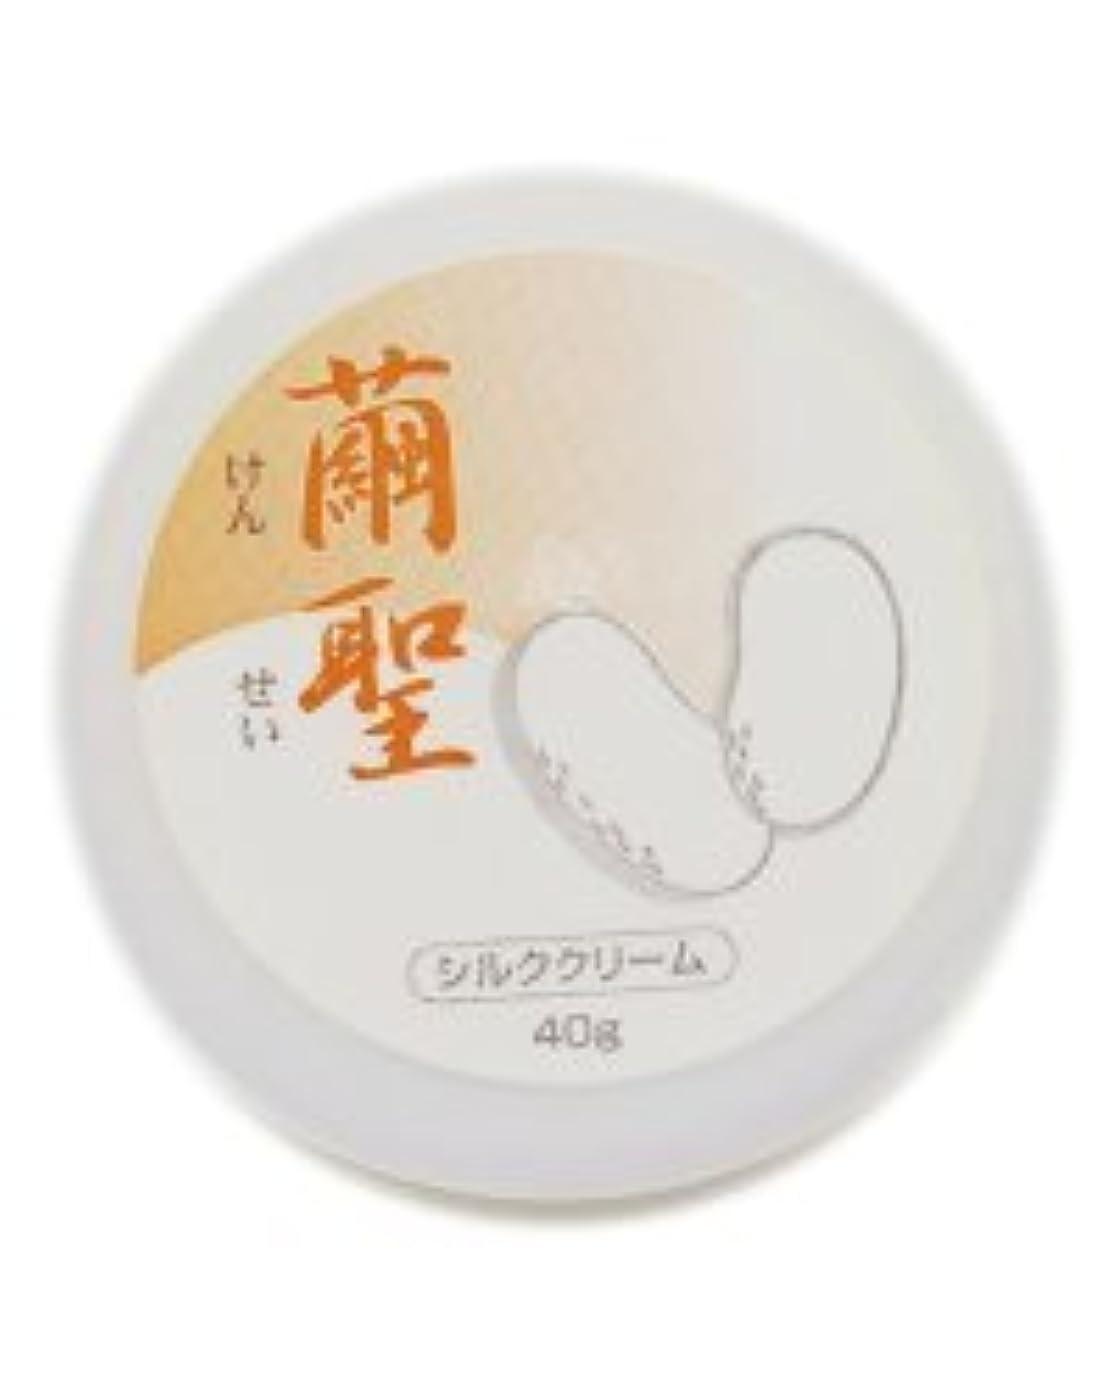 料理弁護士外交〔ラヴィドール〕絹夢物語 繭聖(けんせい) 40g